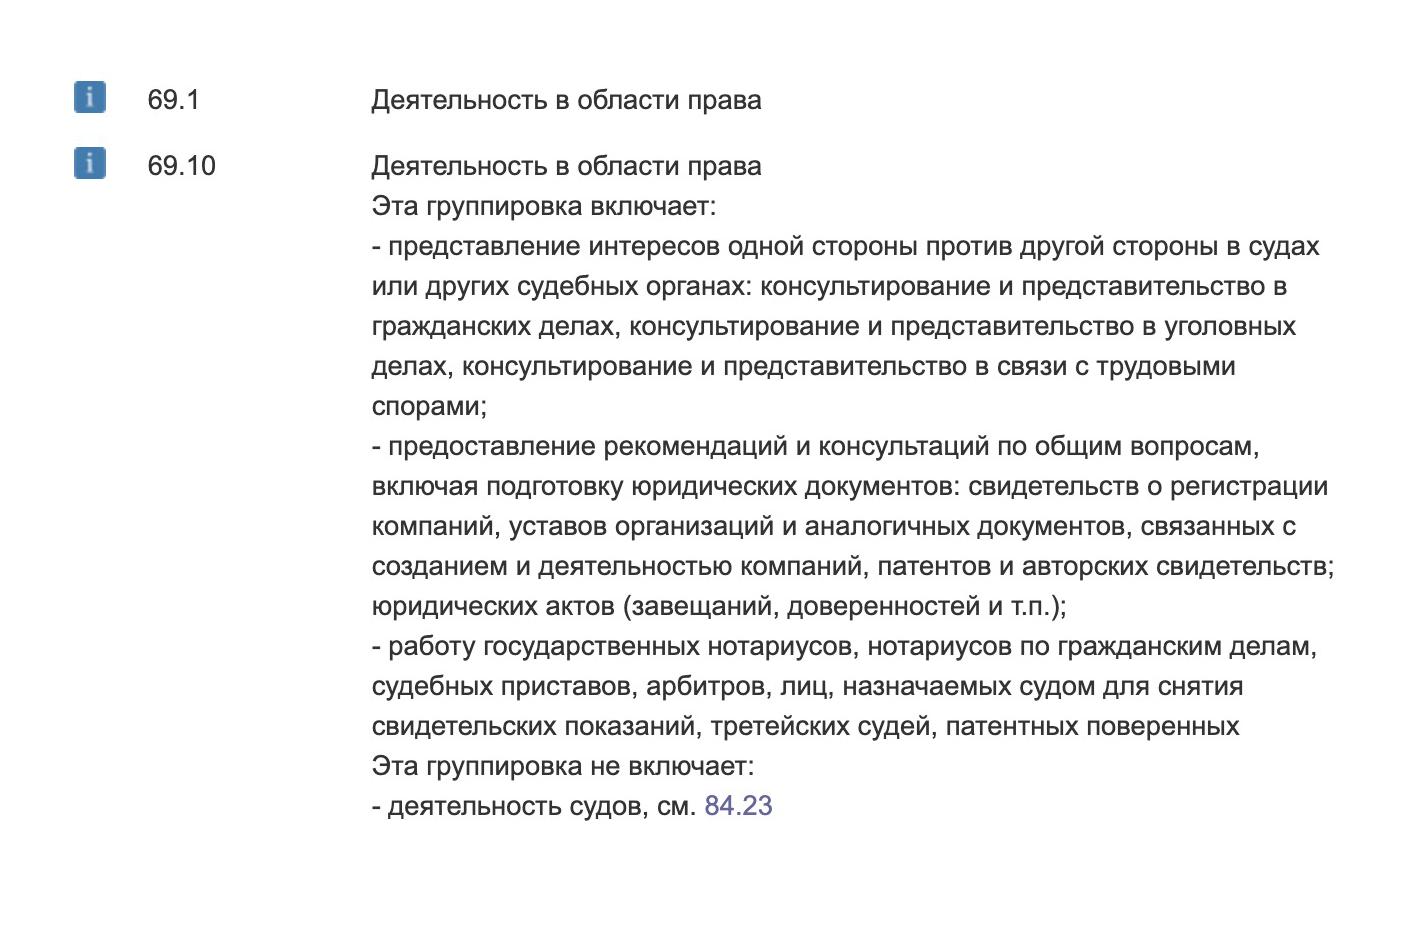 Длина рабочего дня в россии по закону 2019